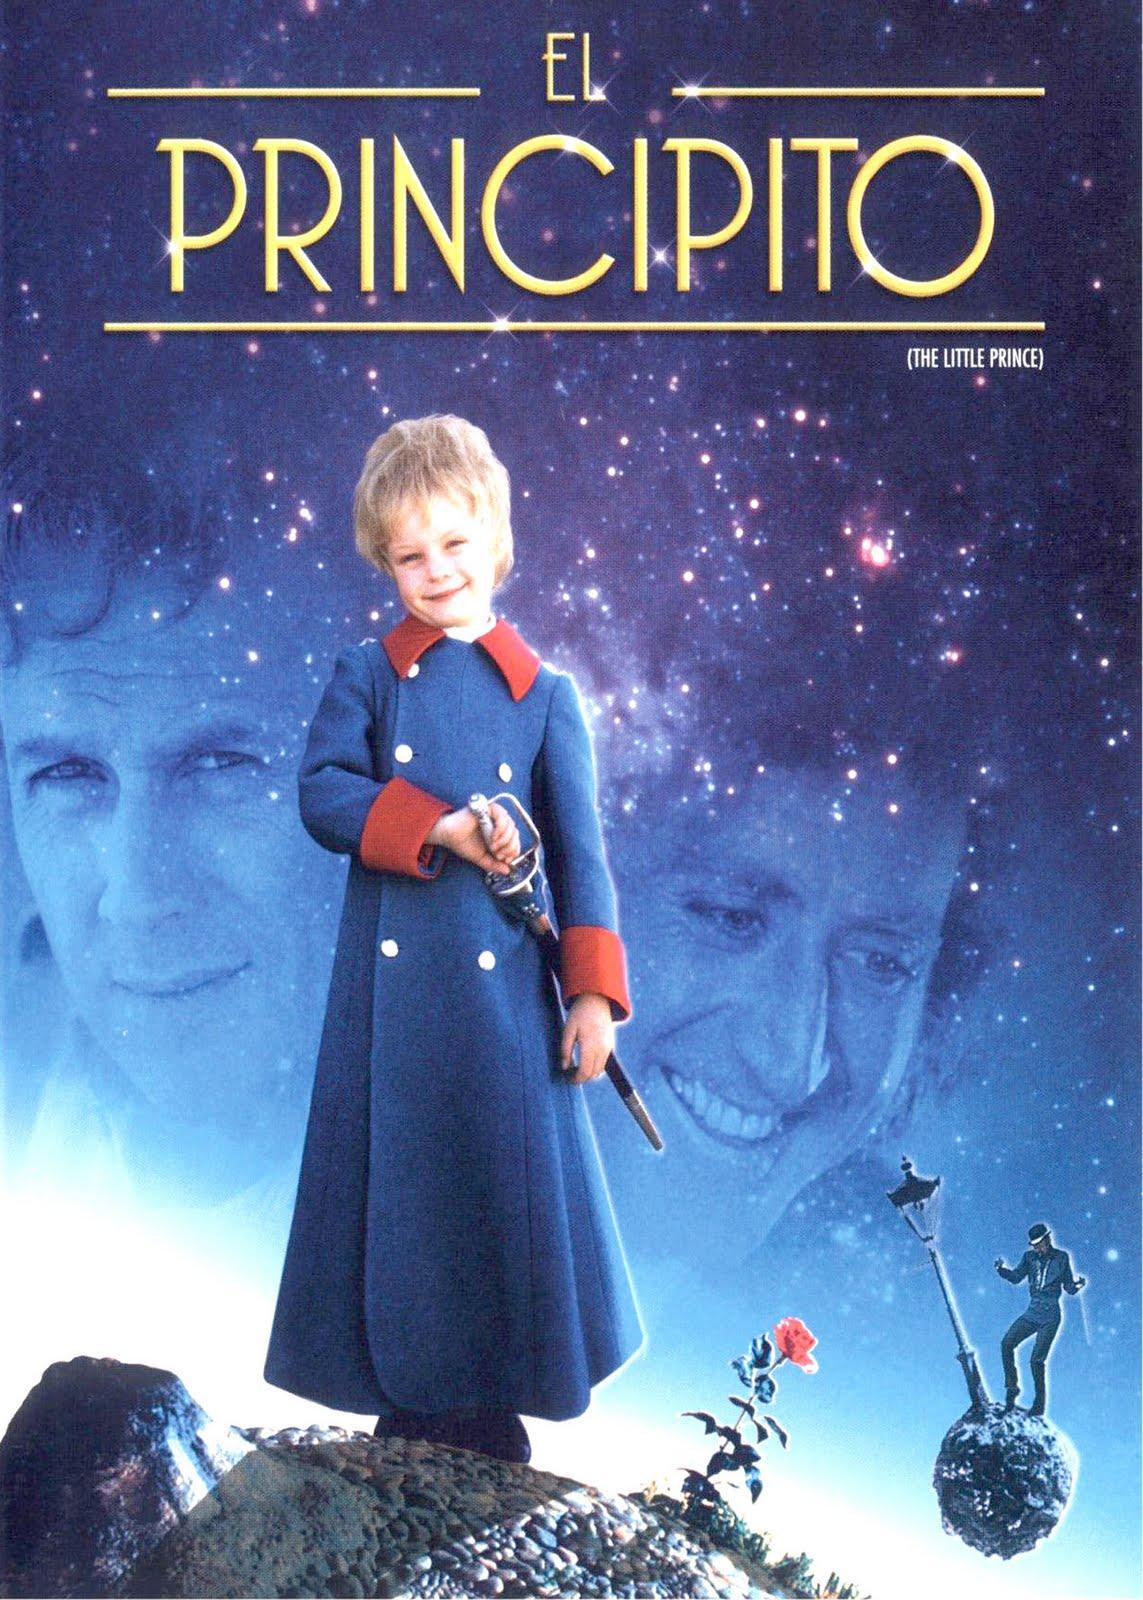 Husmeando la biblioteca: El Principito (1974) ; El